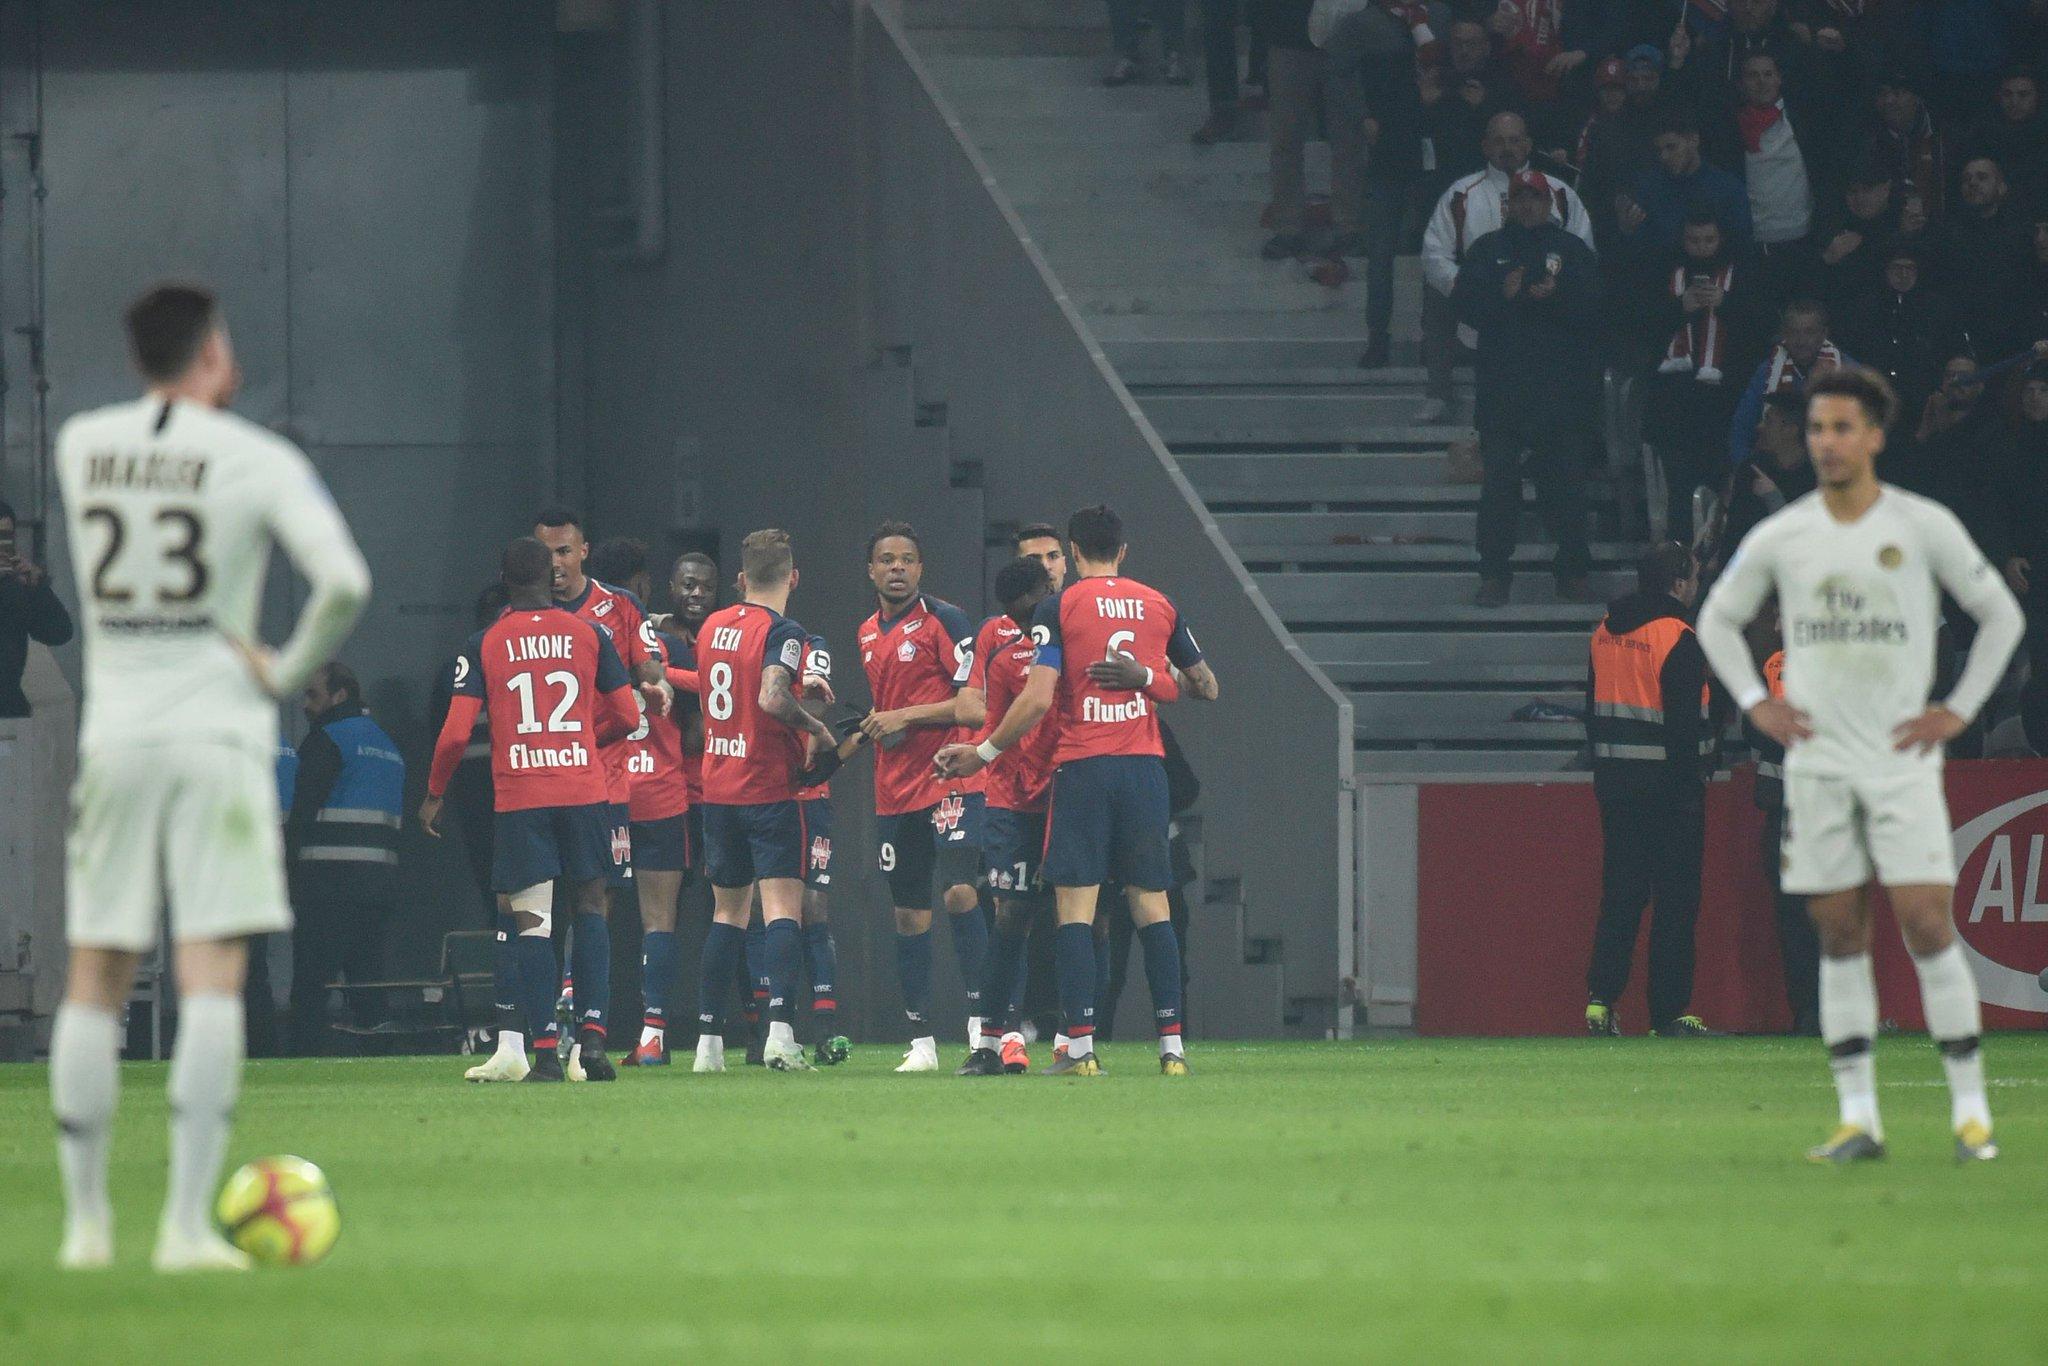 Le PSG a connu sa pire défaite en Ligue 1 au 21e siècle